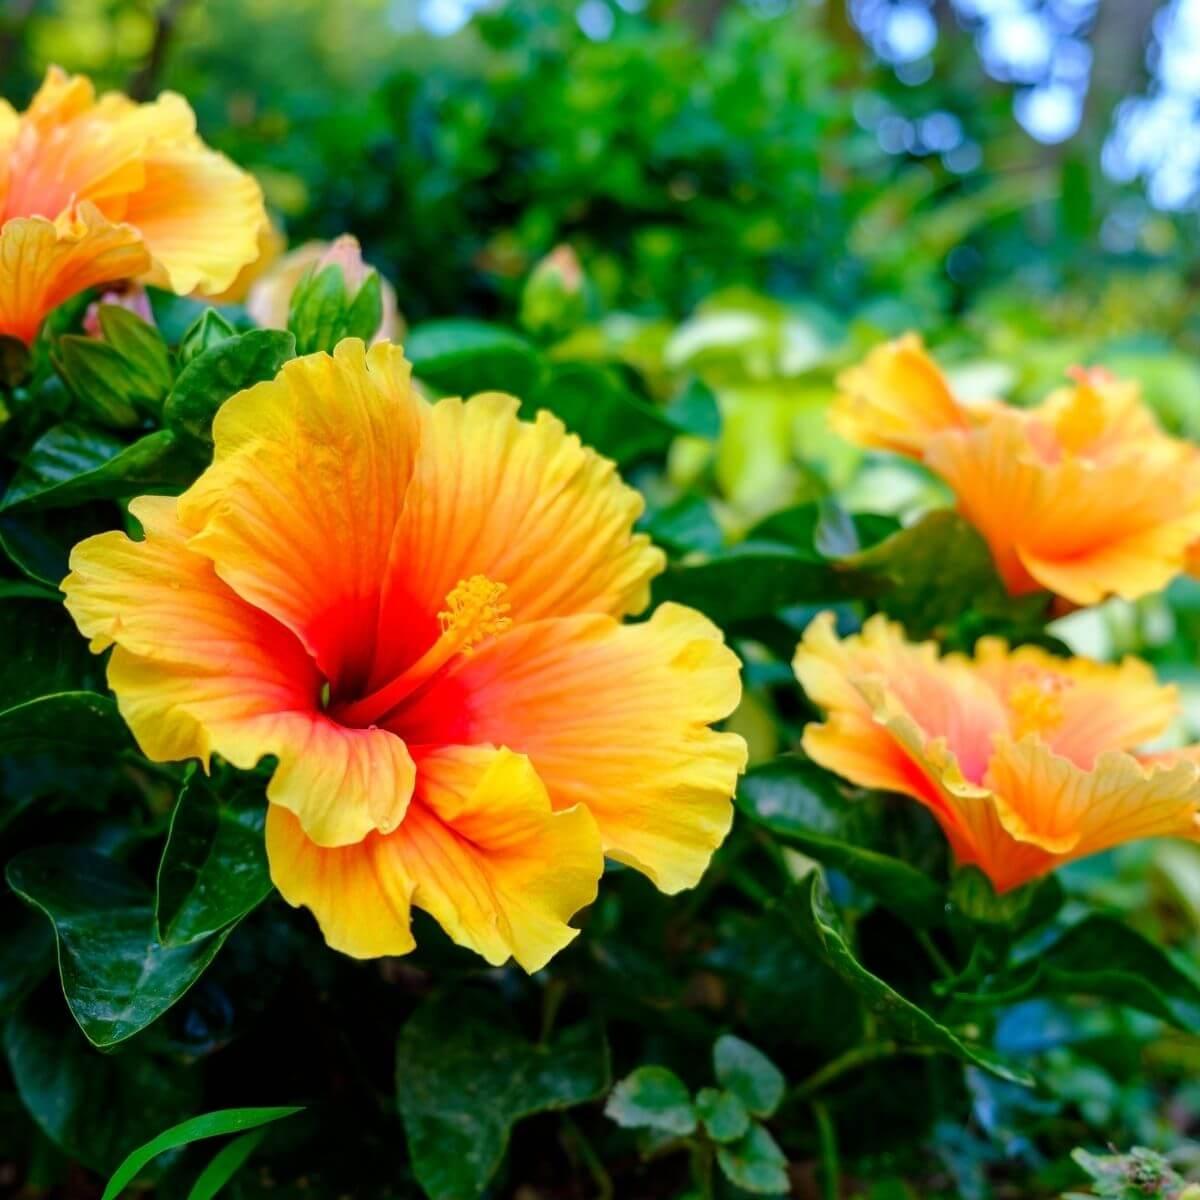 Orange Hibiscus flowers.